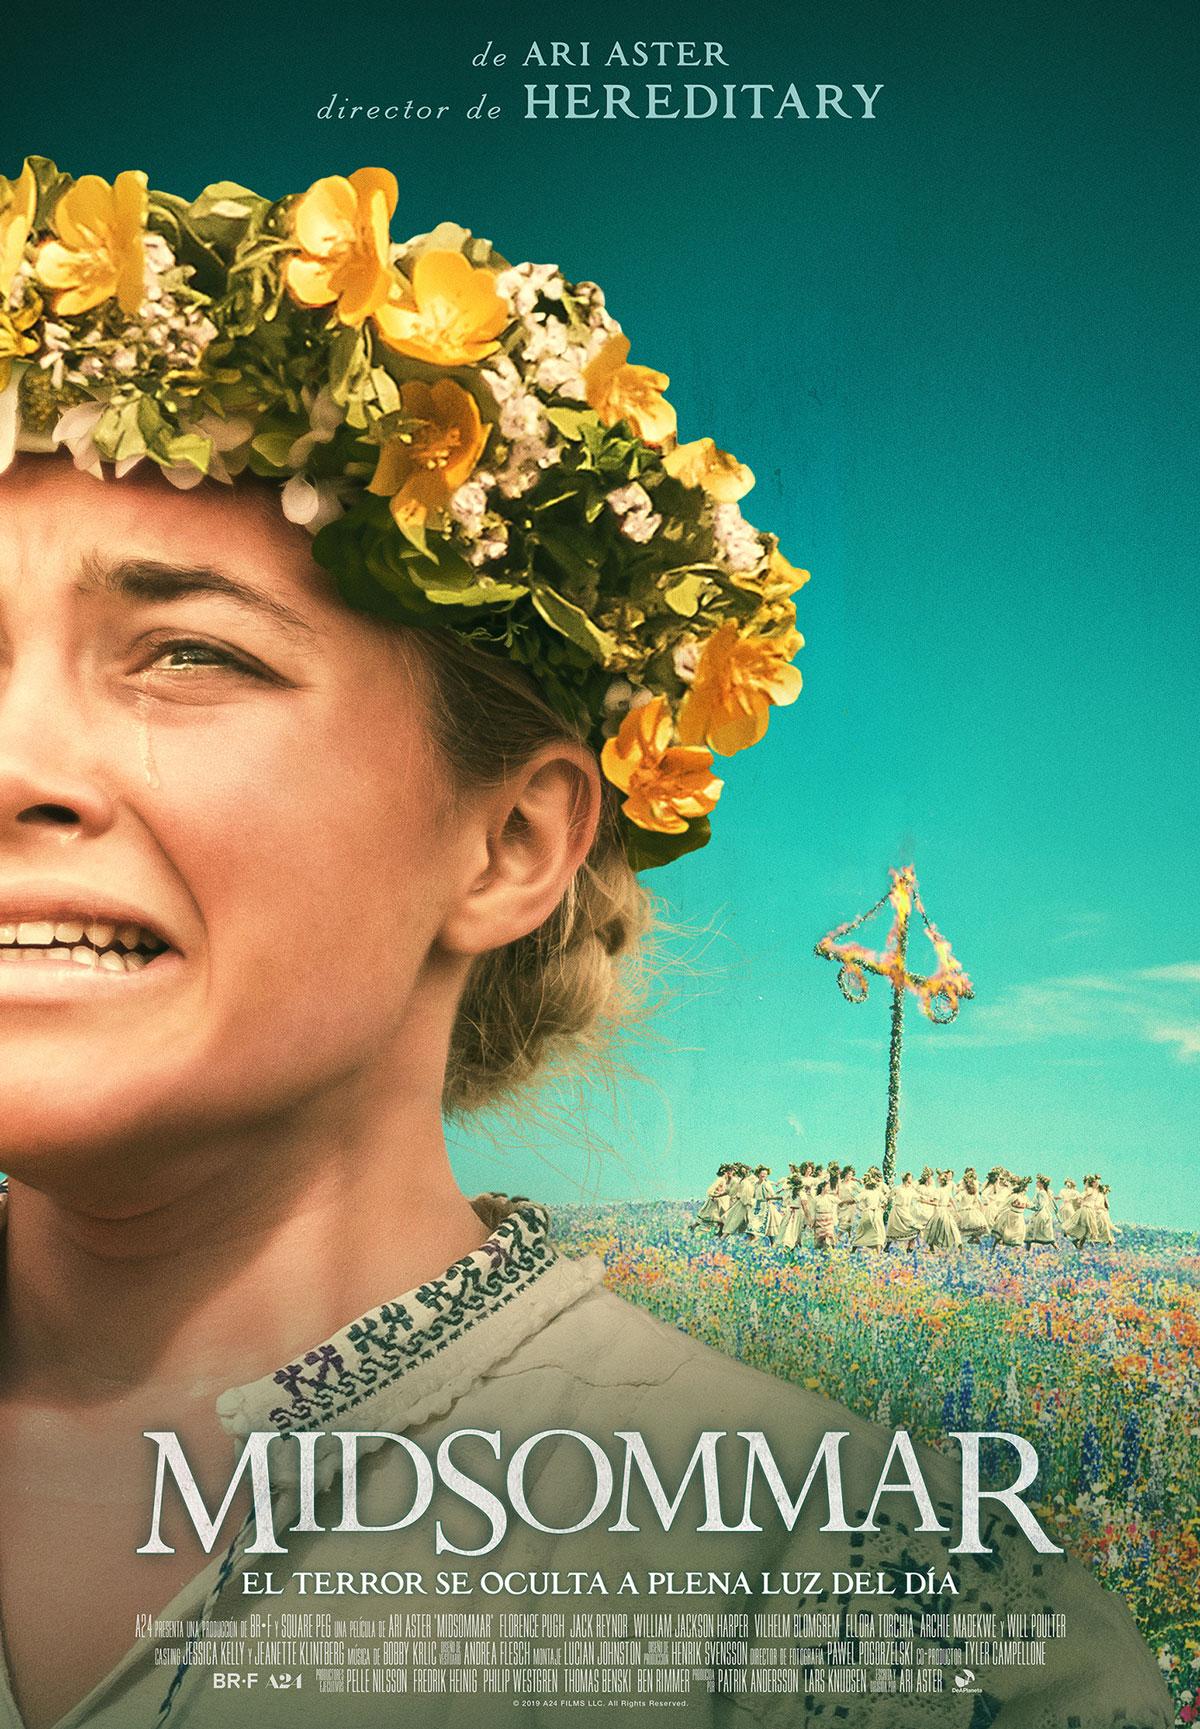 Midsommar - Película 2019 - SensaCine.com